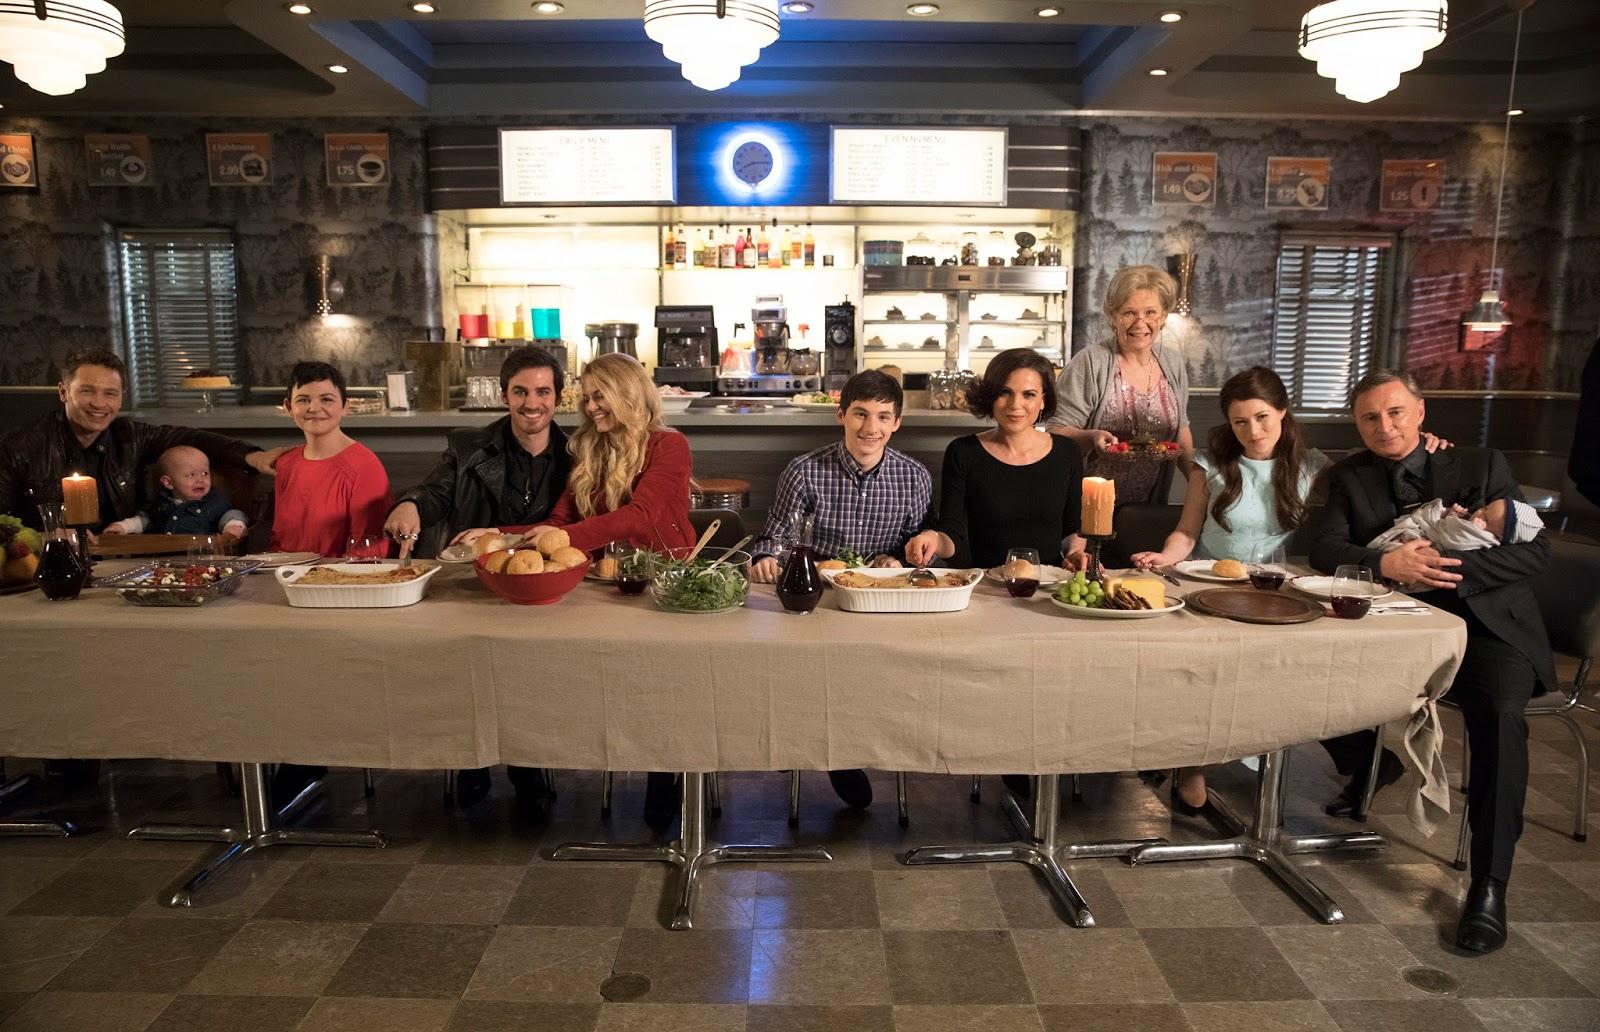 Los héroes de Once Upon a Time cenan juntos en Grannys tras la batalla final